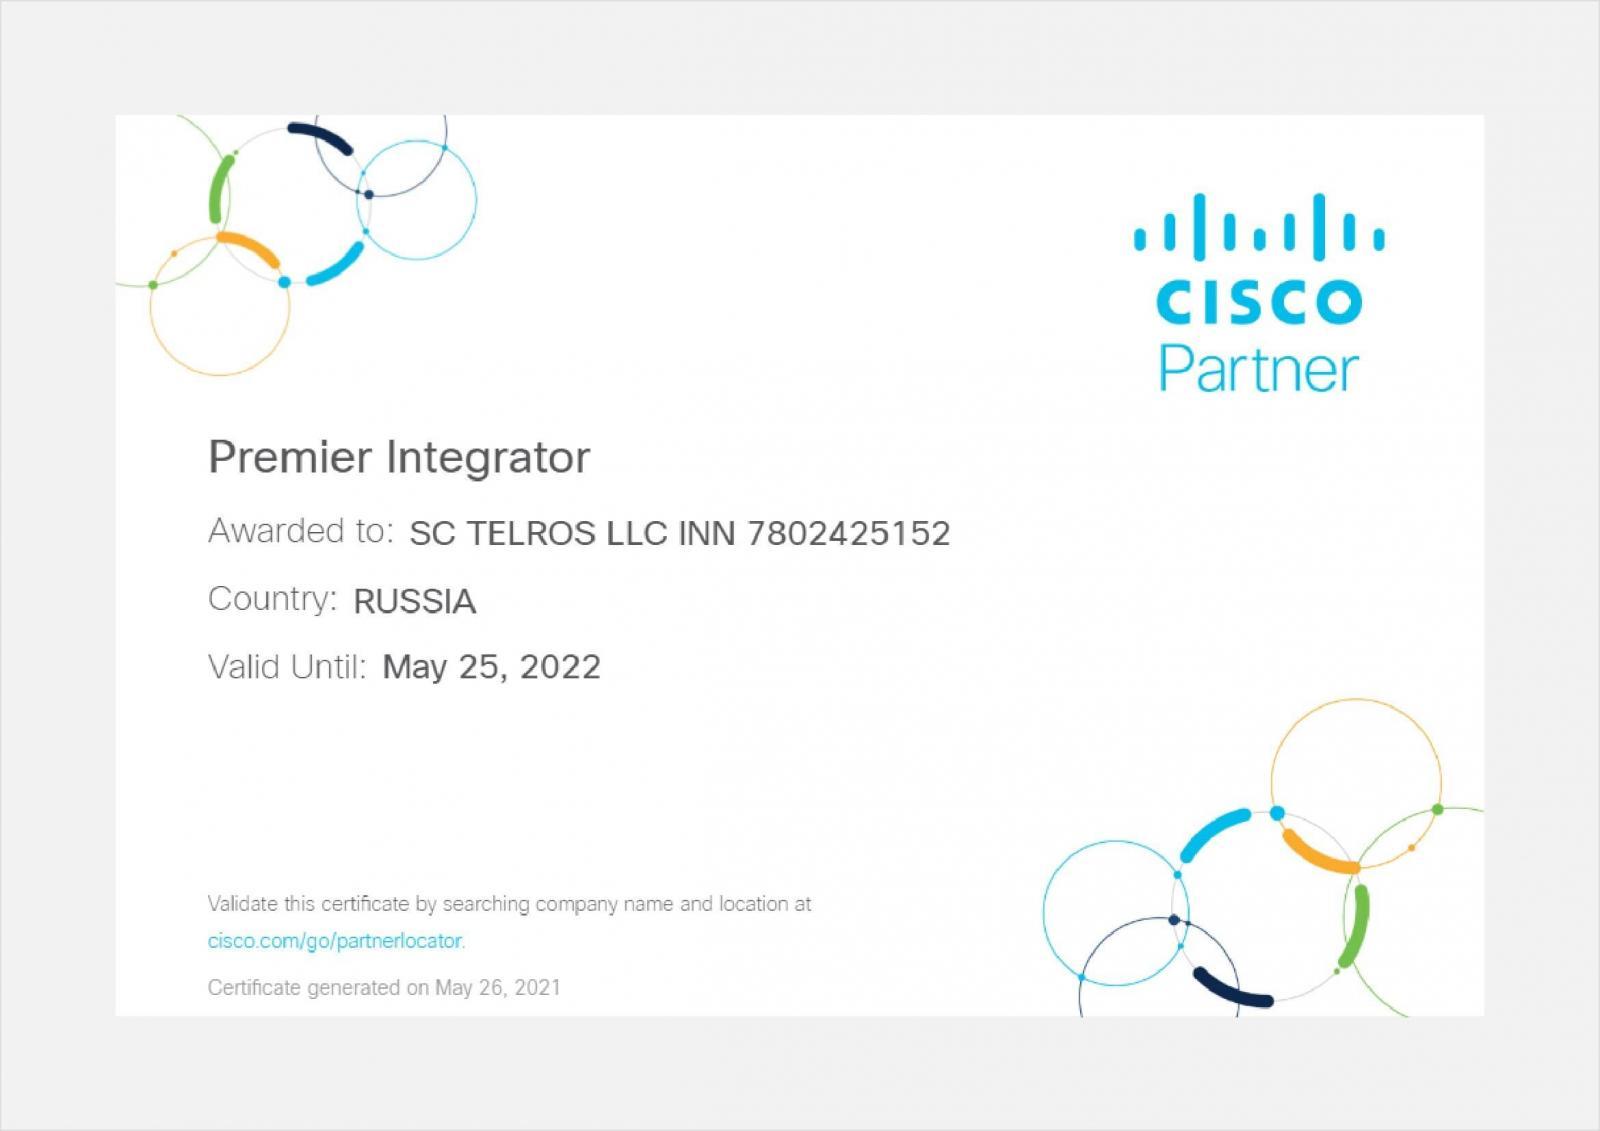 Сертификат авторизованного партнера Cisco Premier Integrator подтверждает компетентность ООО «Сервисный центр ТЕЛРОС» в разработке, внедрении и продвижении на рынок комплексных решений, созданных на базе технологий, оборудования и программного обеспечения компании Cisco Systems.